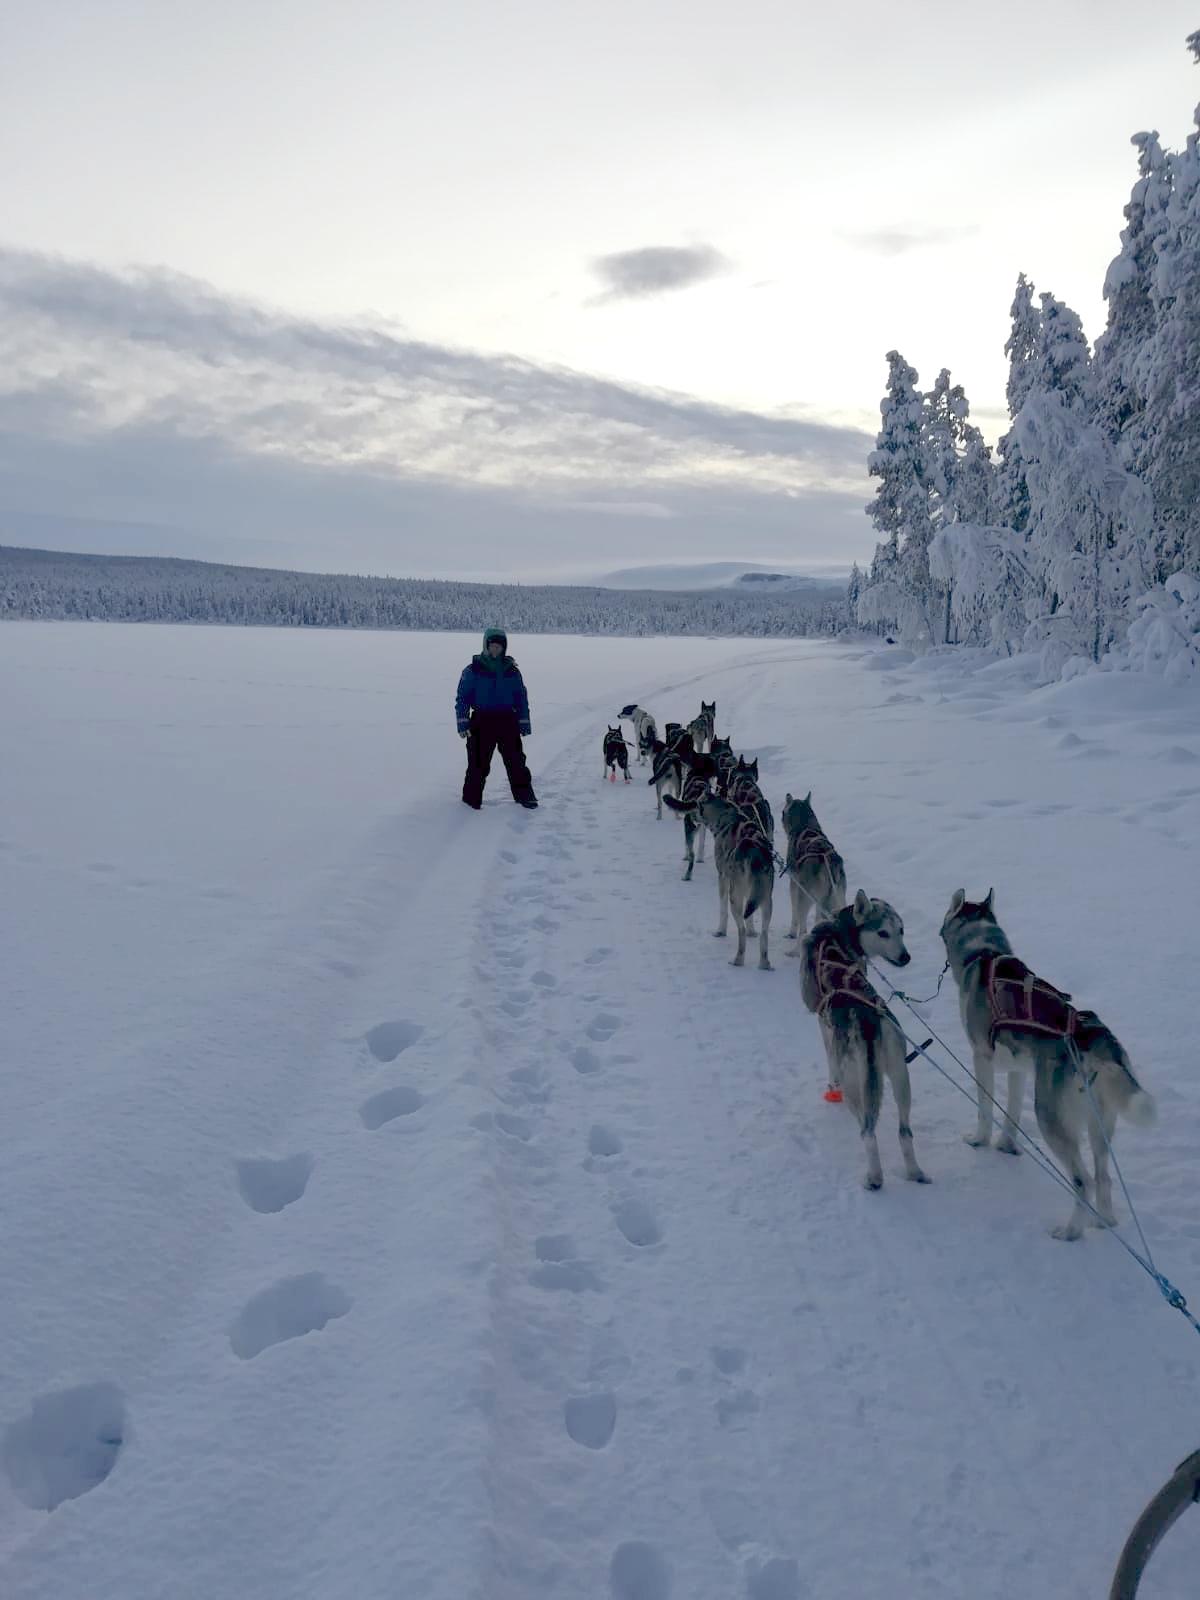 JokkmokkArcticDream_December_Midwinter-dogsled